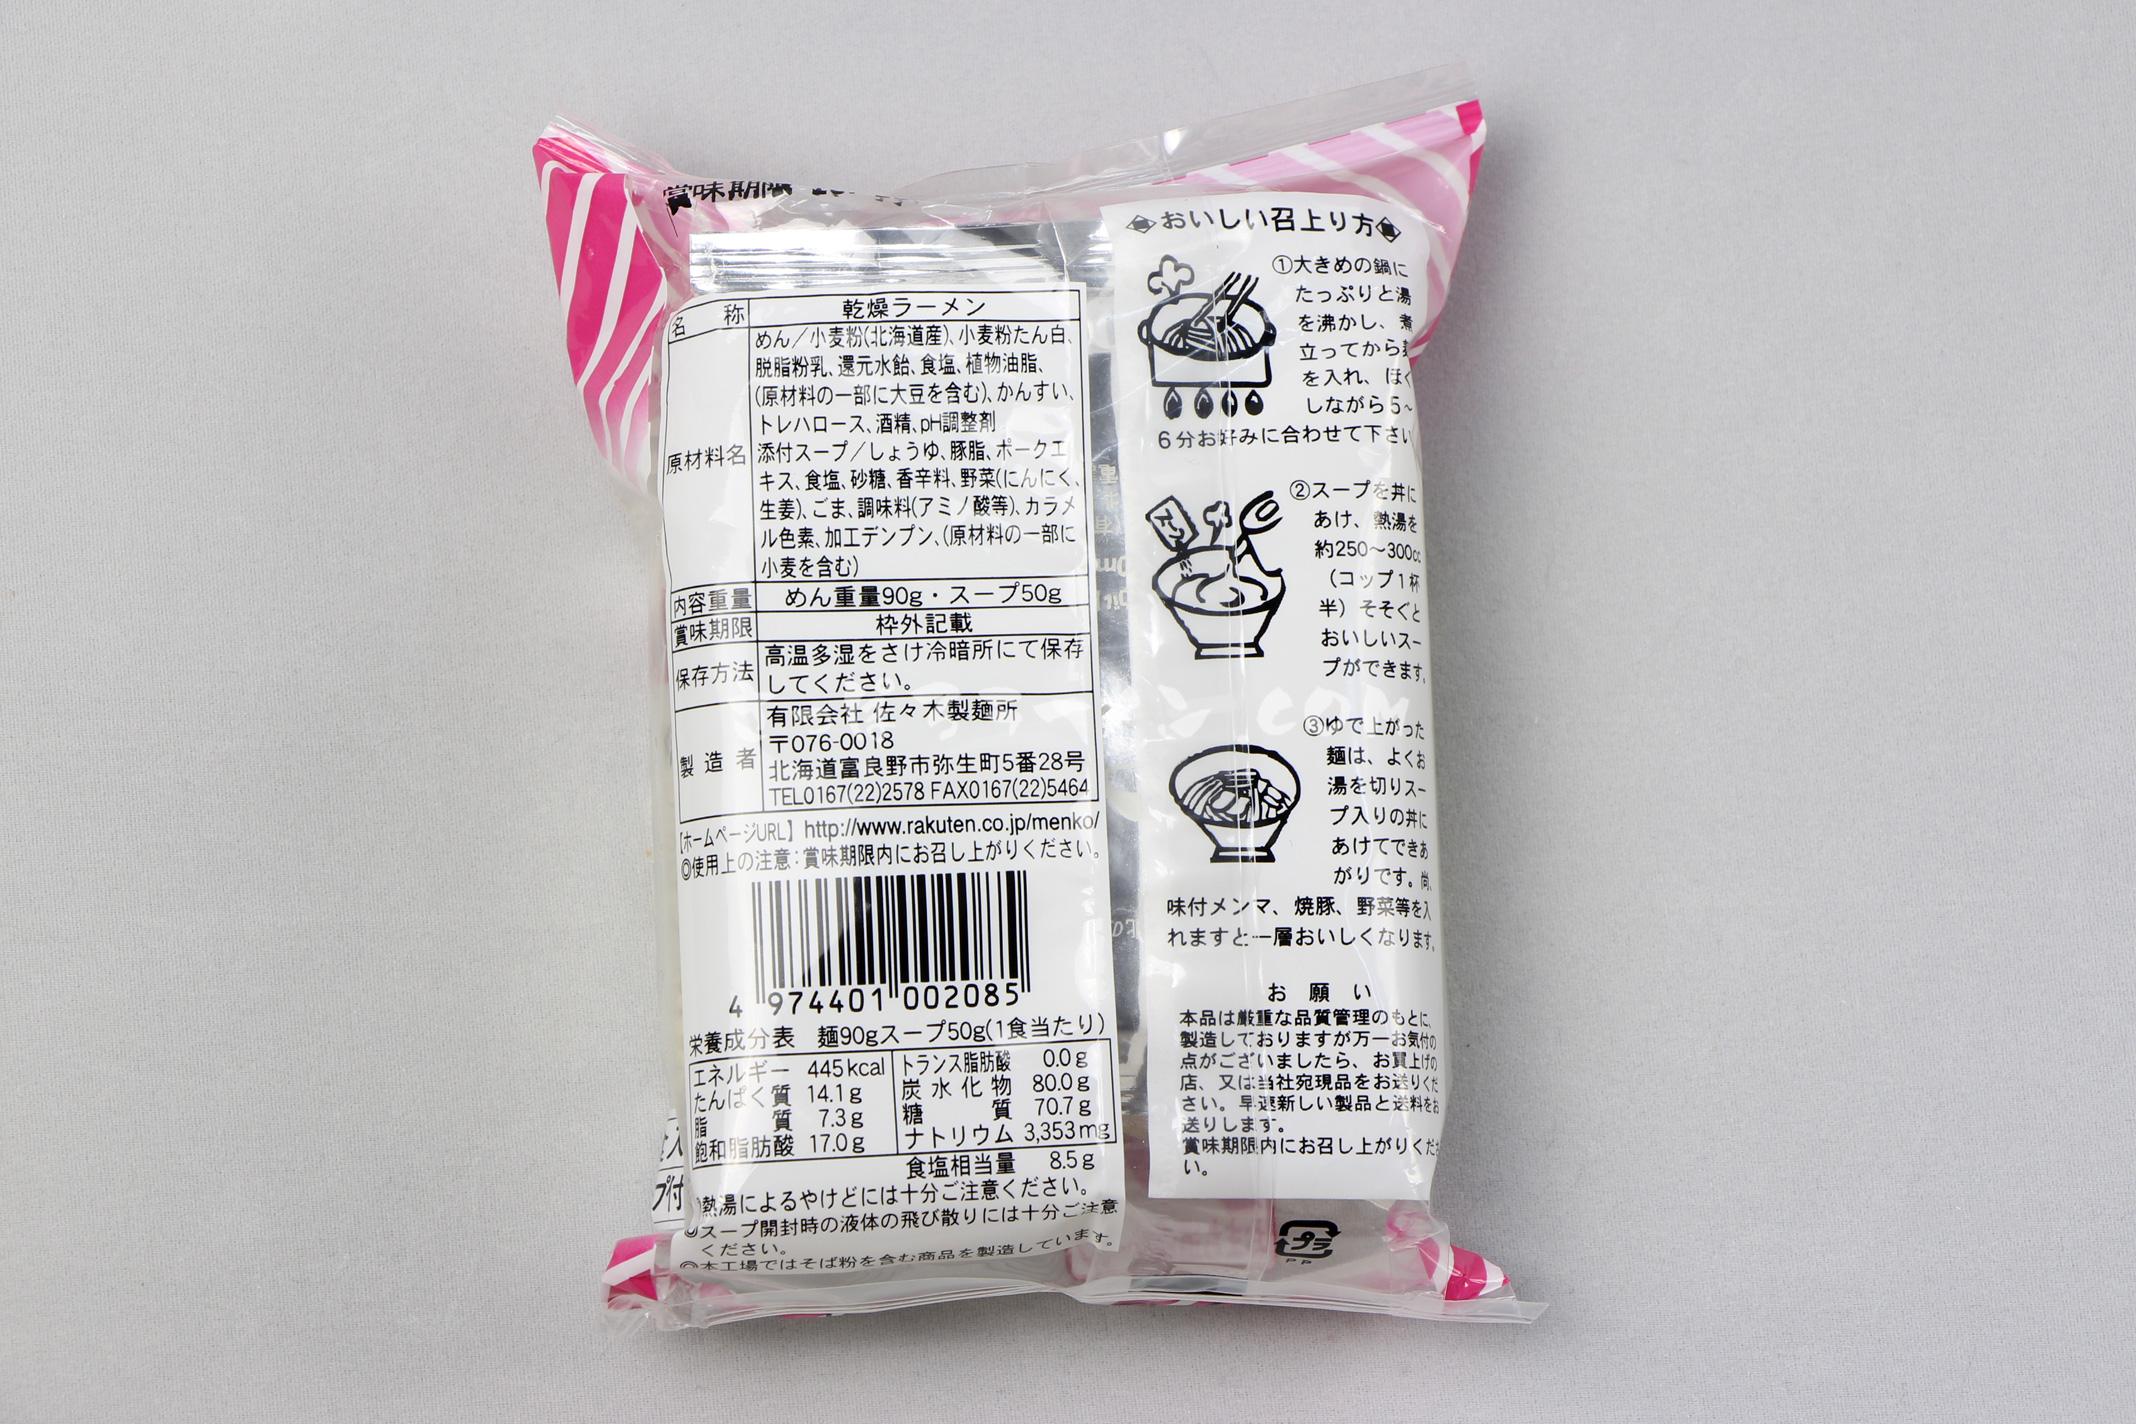 「ふらのラーメン(しょうゆ味)」(佐々木製麺所)のパッケージ(裏)